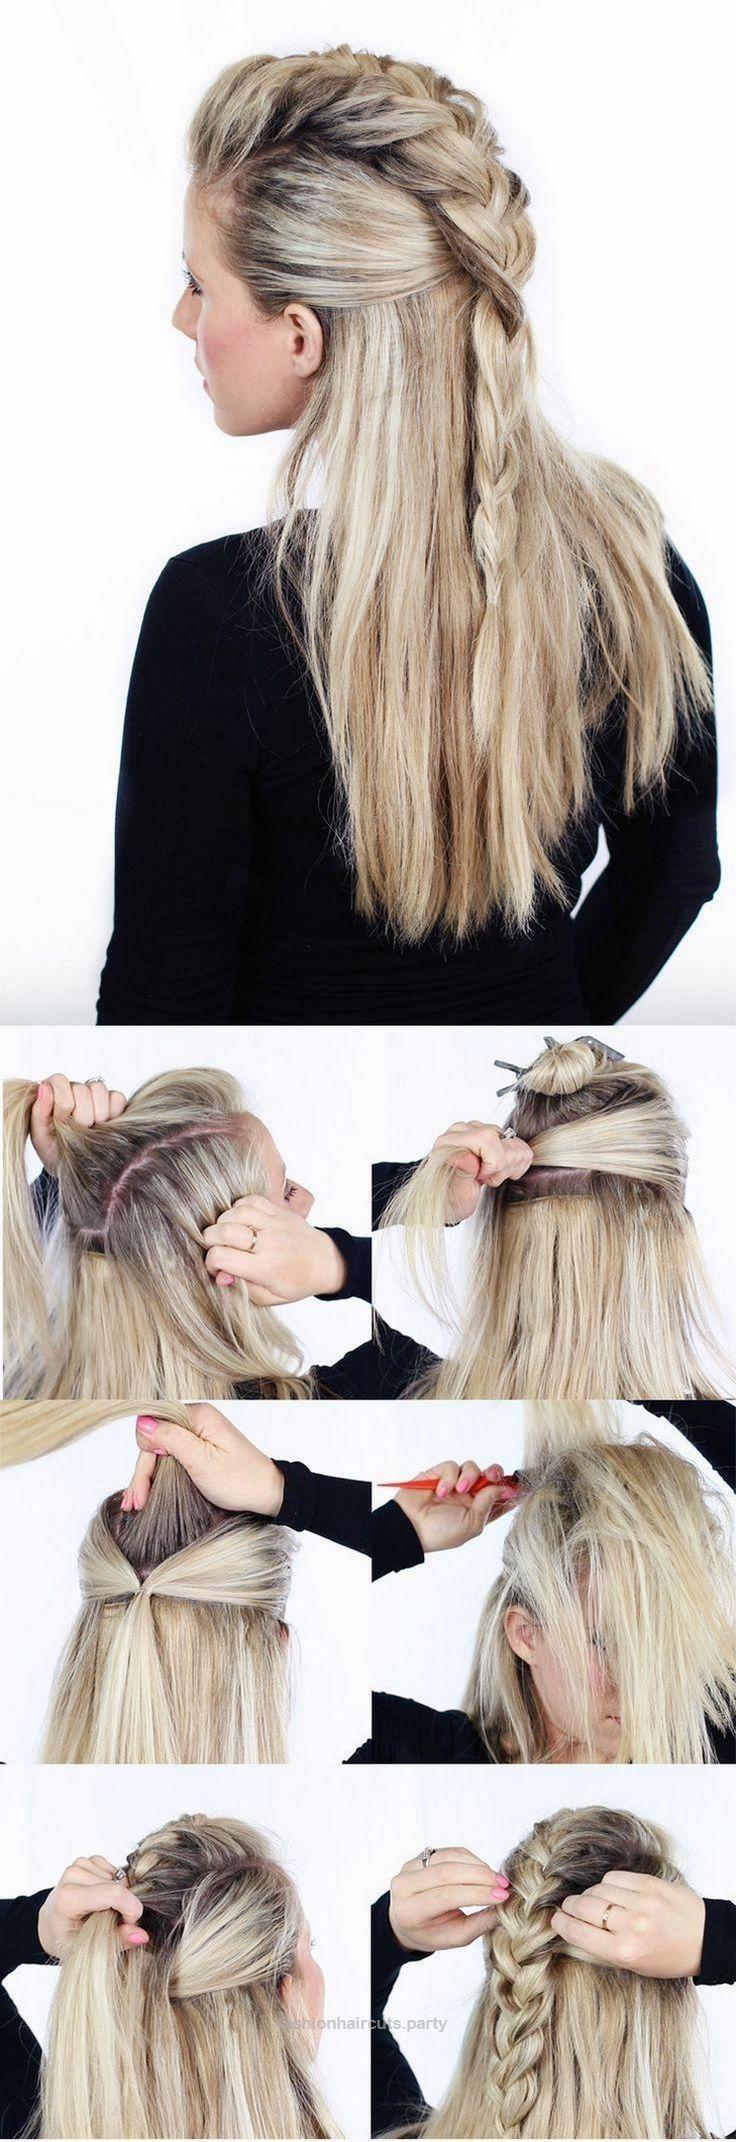 cute easy summer hairstyles for long hair femalineuu